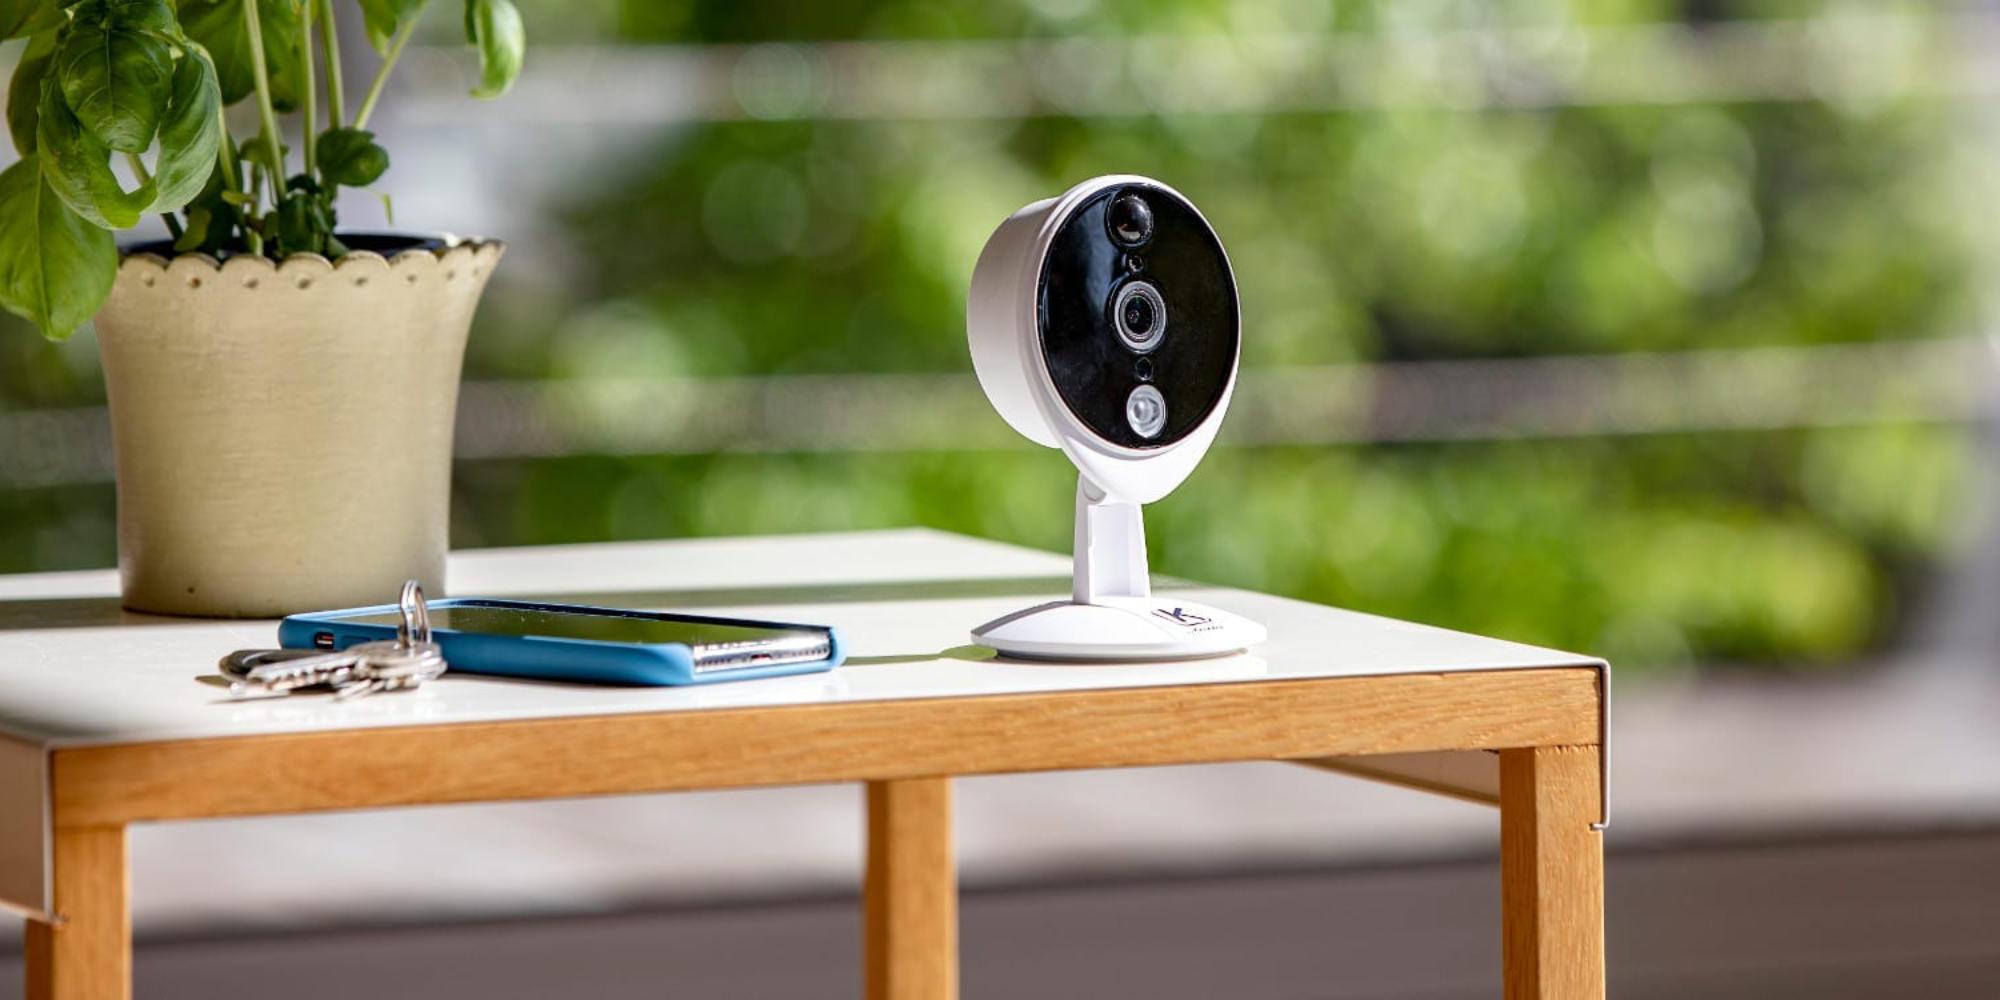 Caméra sans fil : pourquoi et comment l'installer